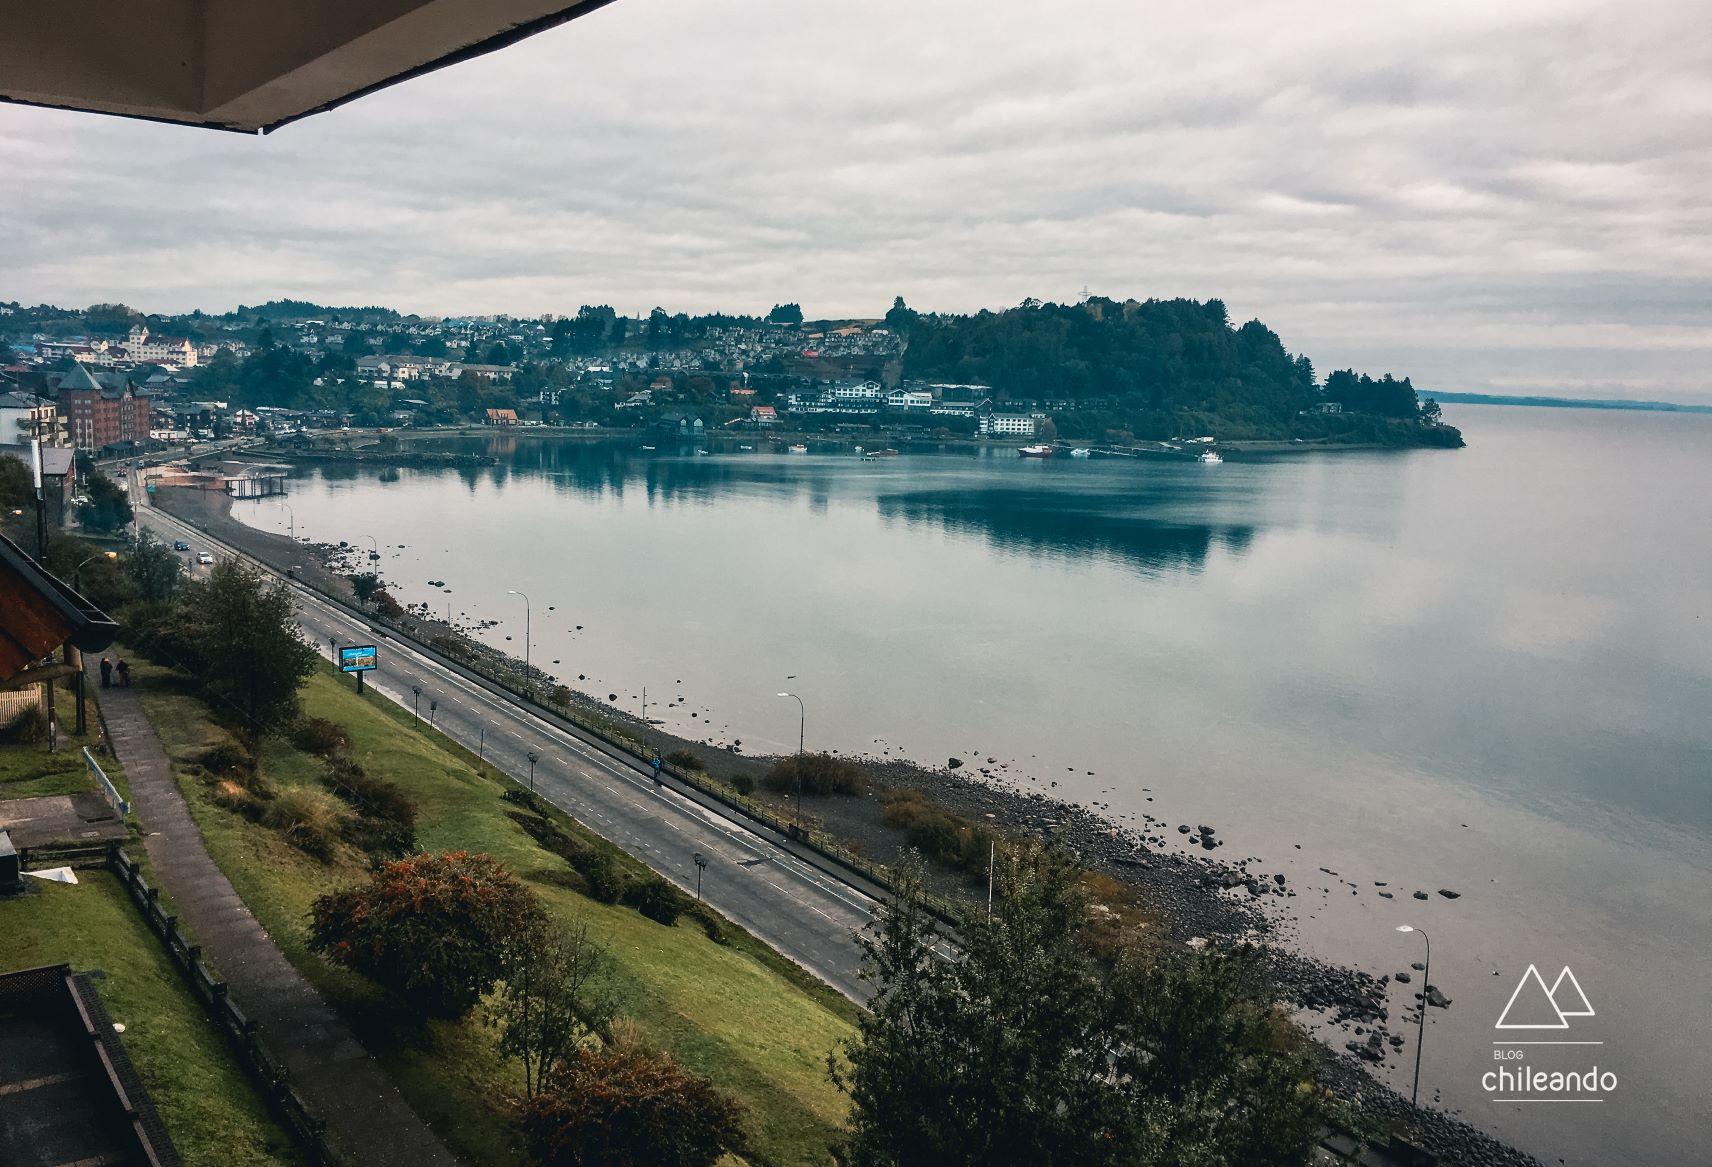 Vista da sacada do hotel Cumbres